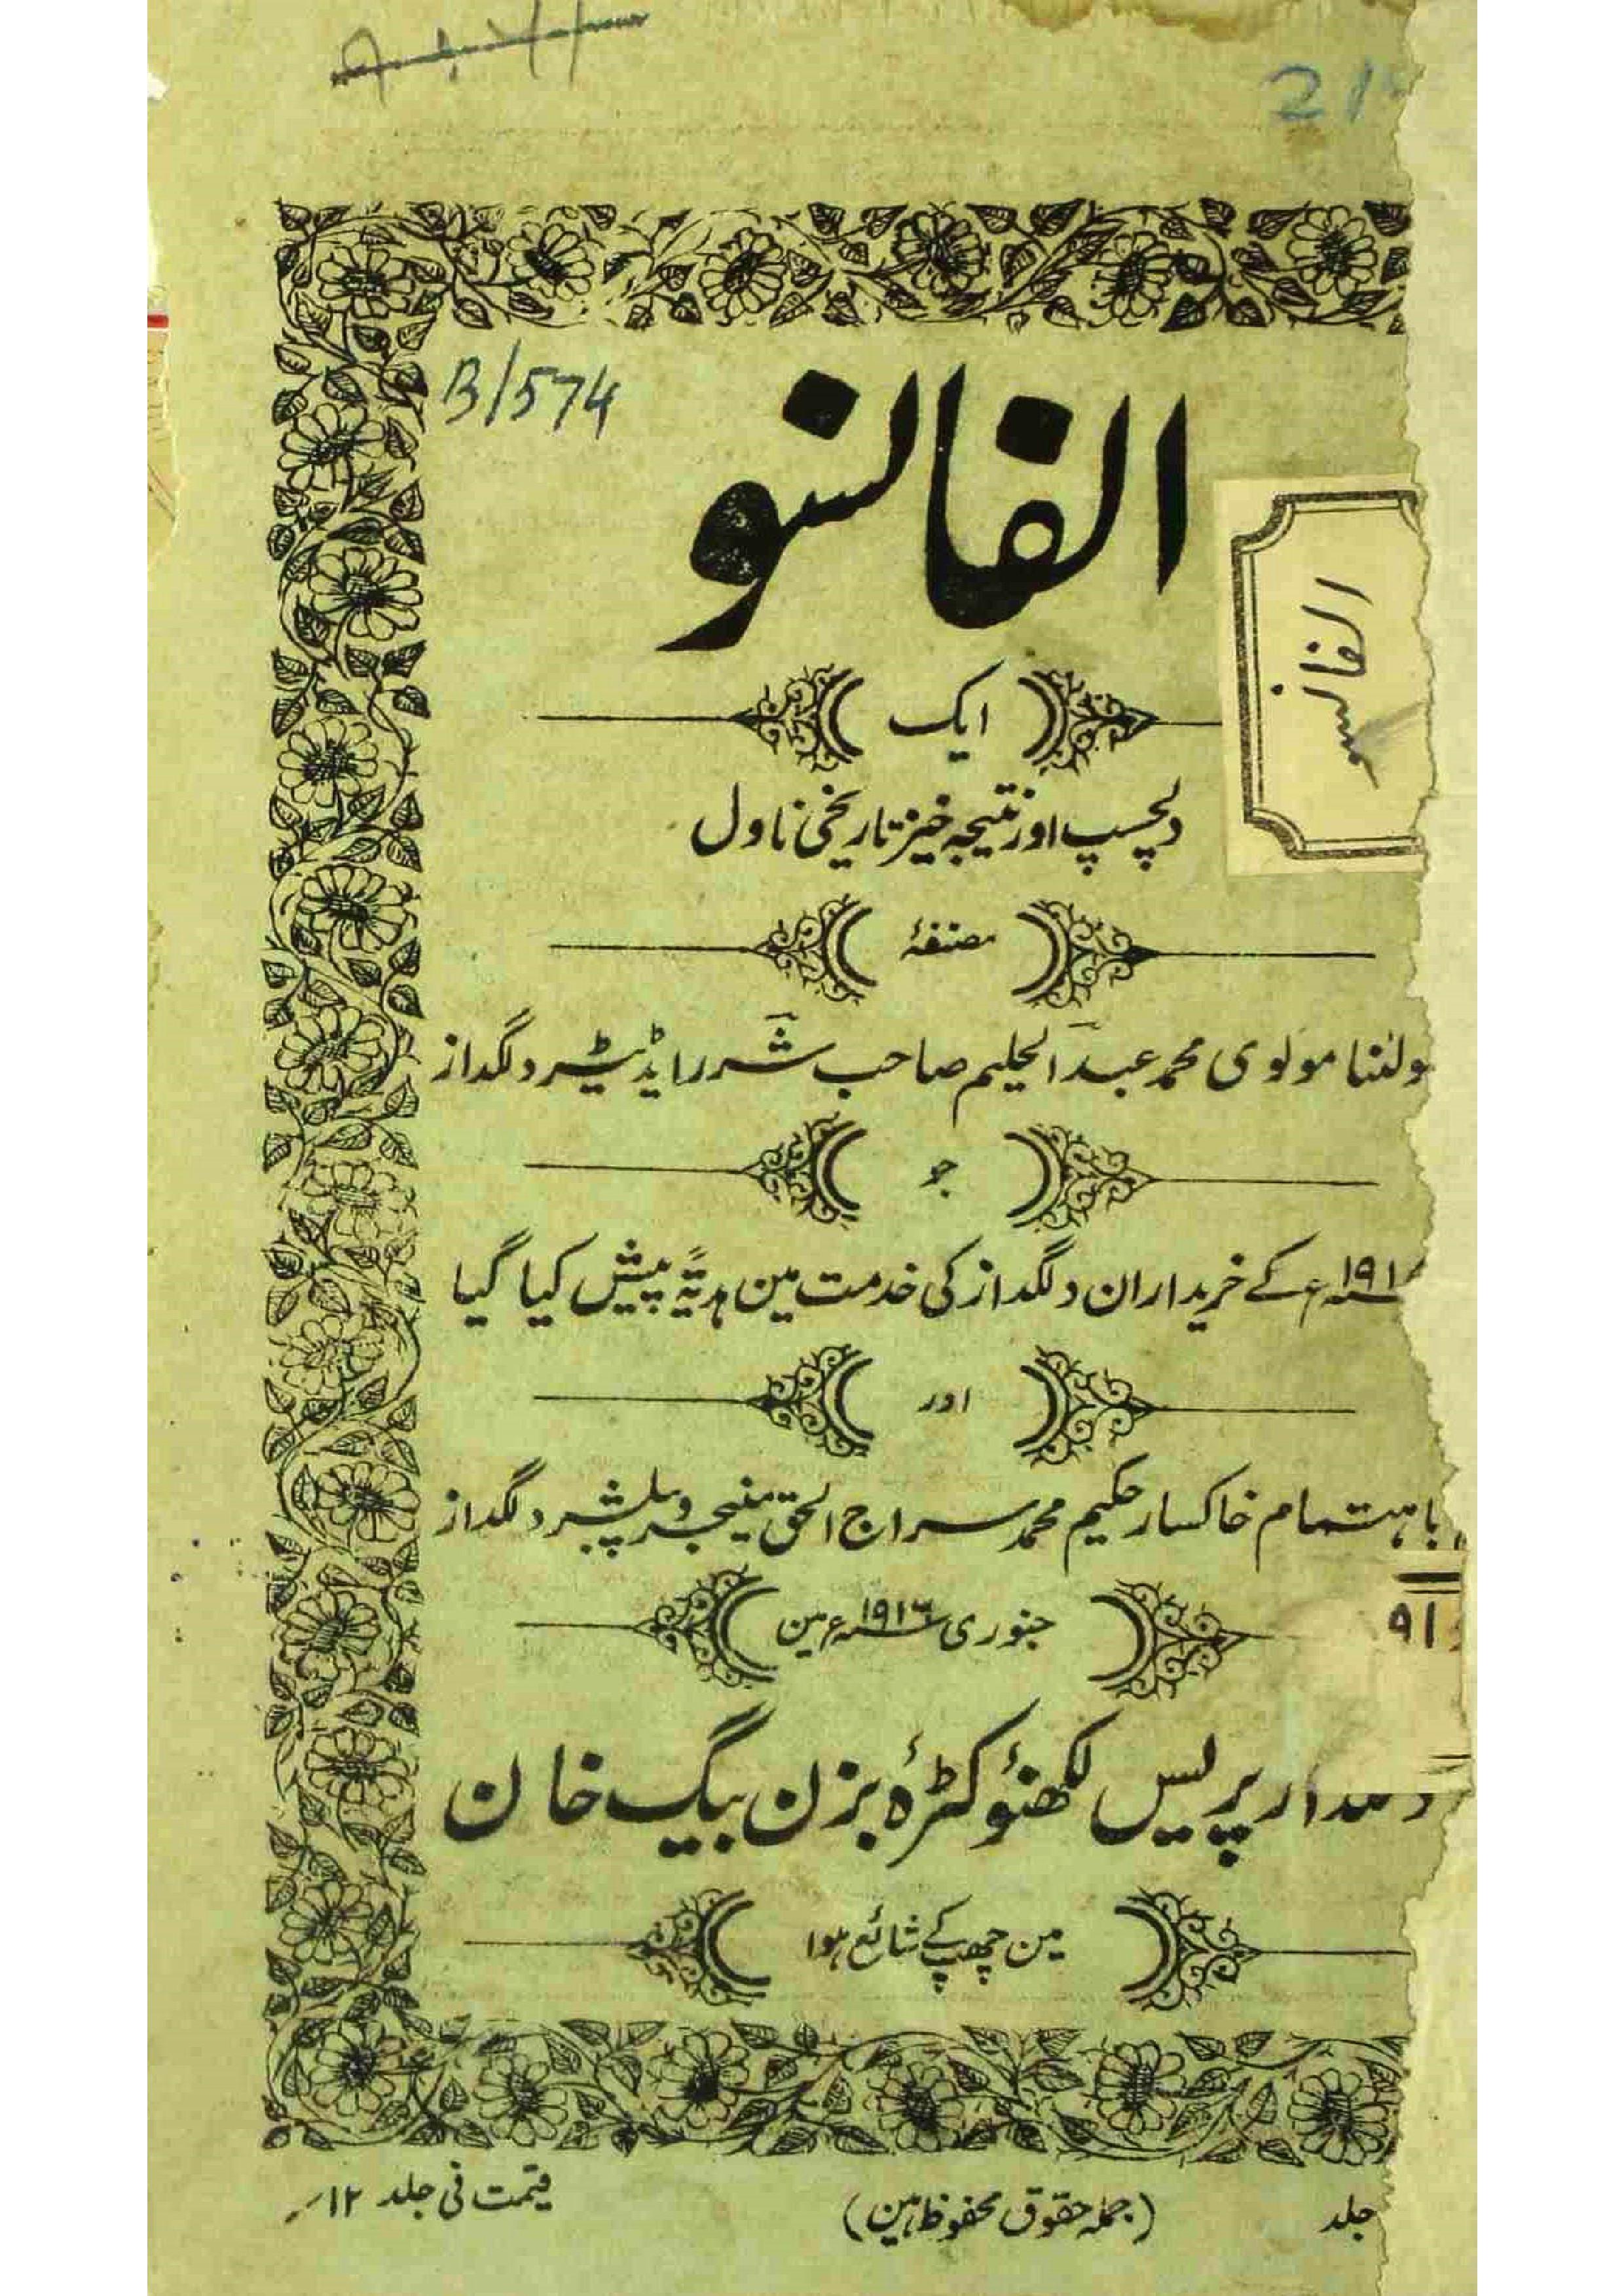 Al-Fansu